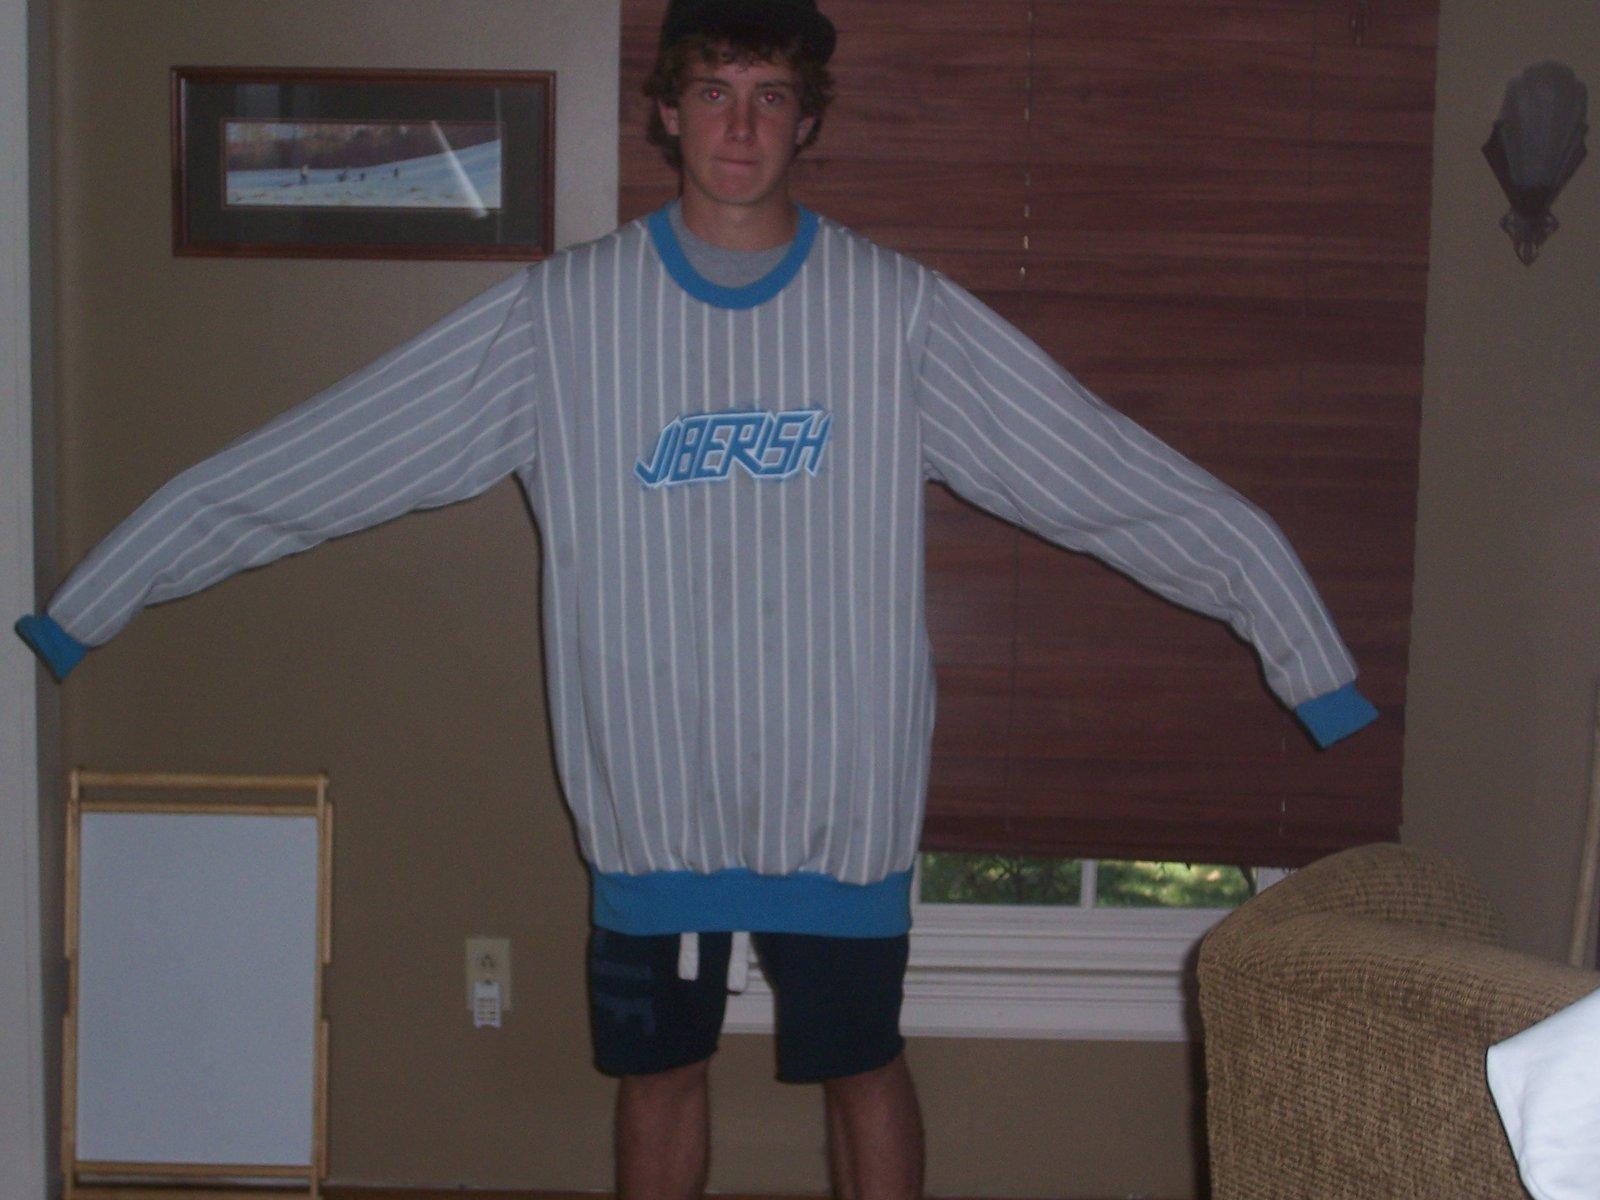 Me wearing jiberish im 5'9''